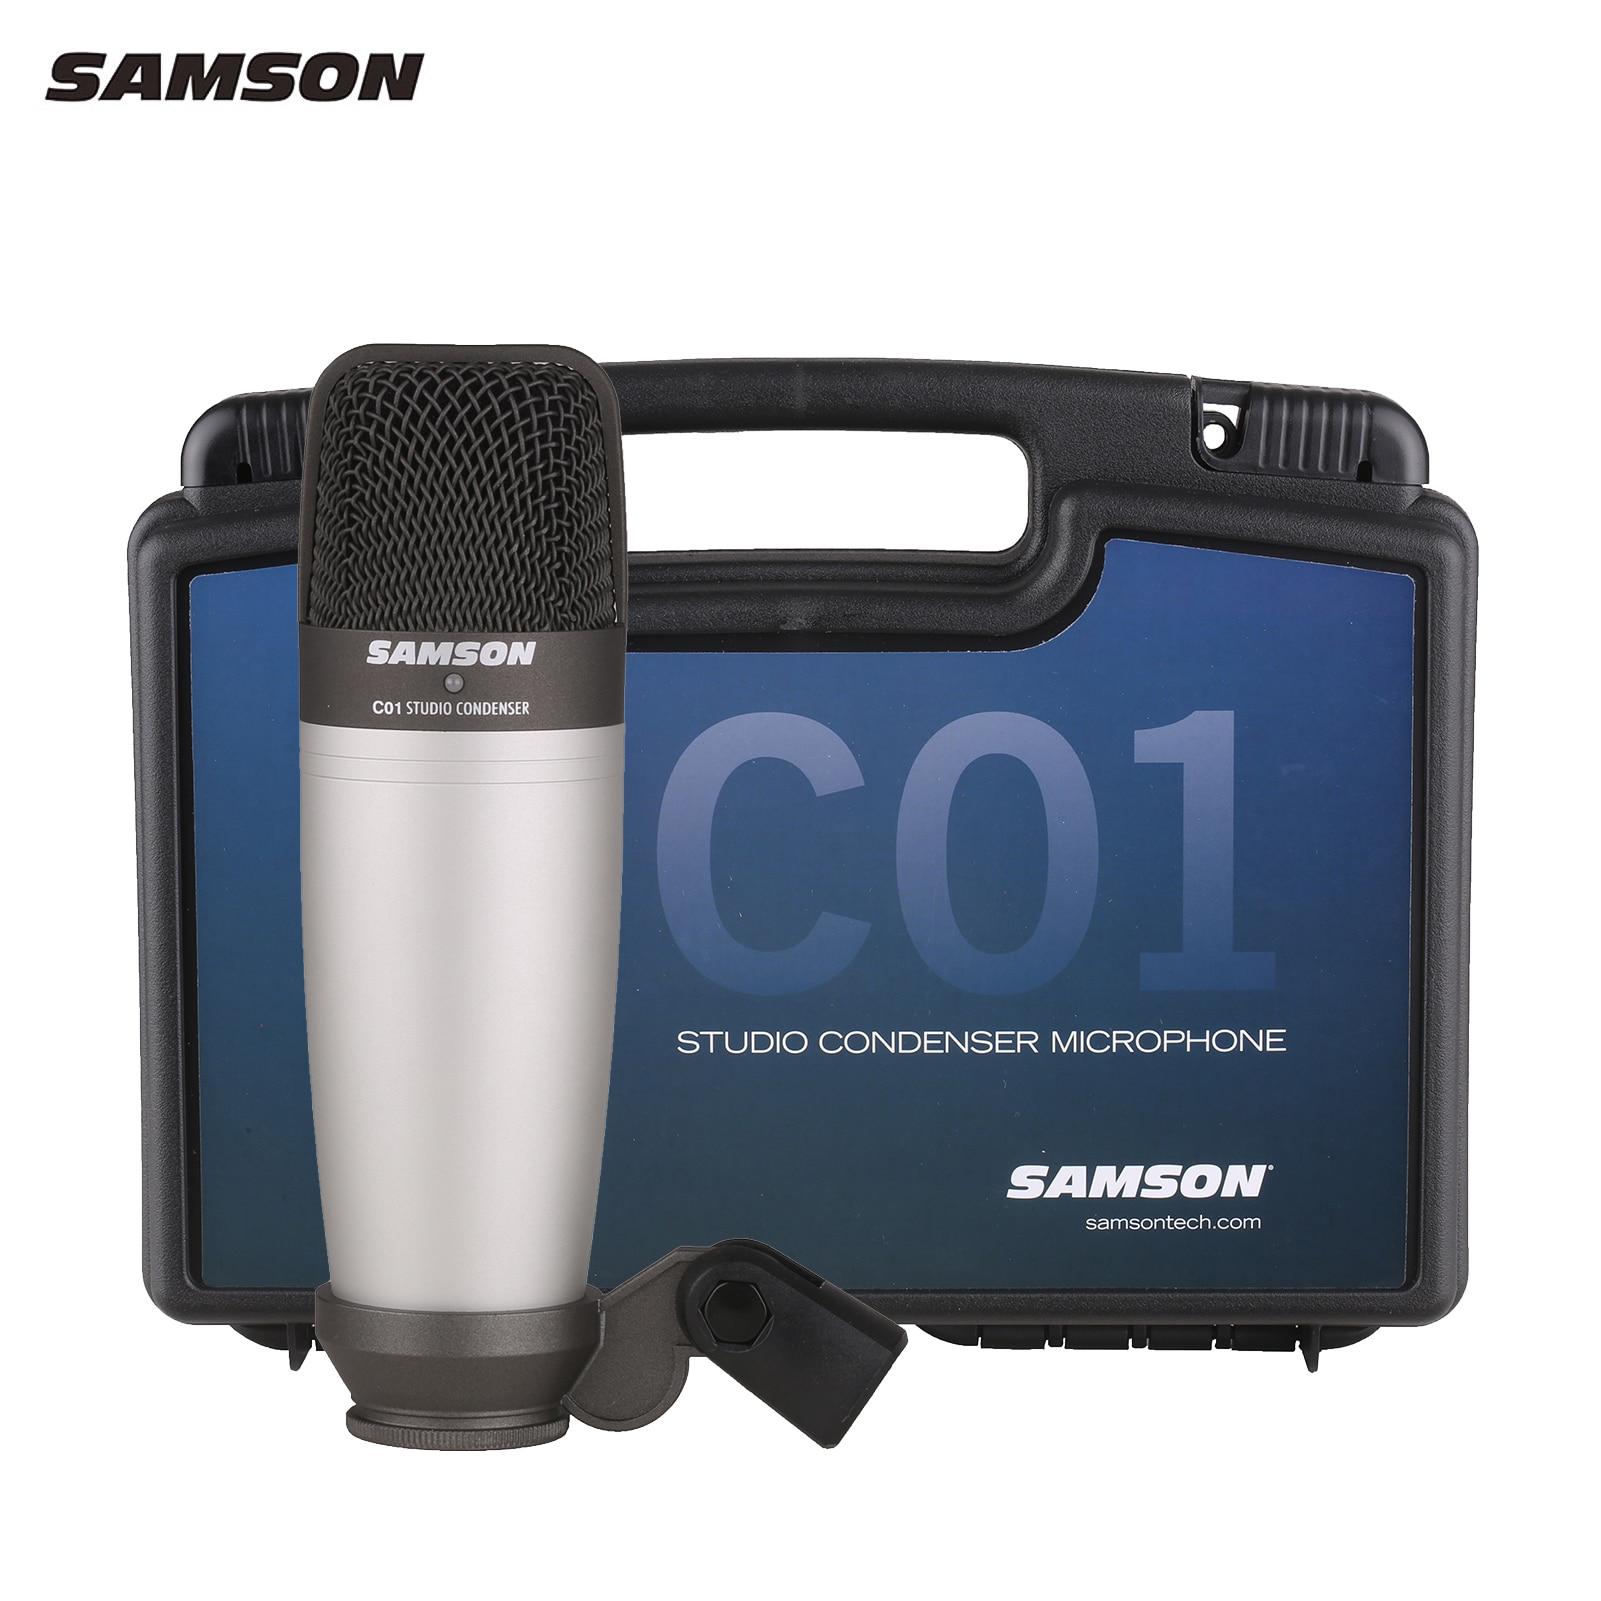 ميكروفون أصلي من SAMSON C01 ذو غشاء قلبي كبير مكثف XLR ميكروفون احترافي ستوديو مع علبة حمل بلاستيكية